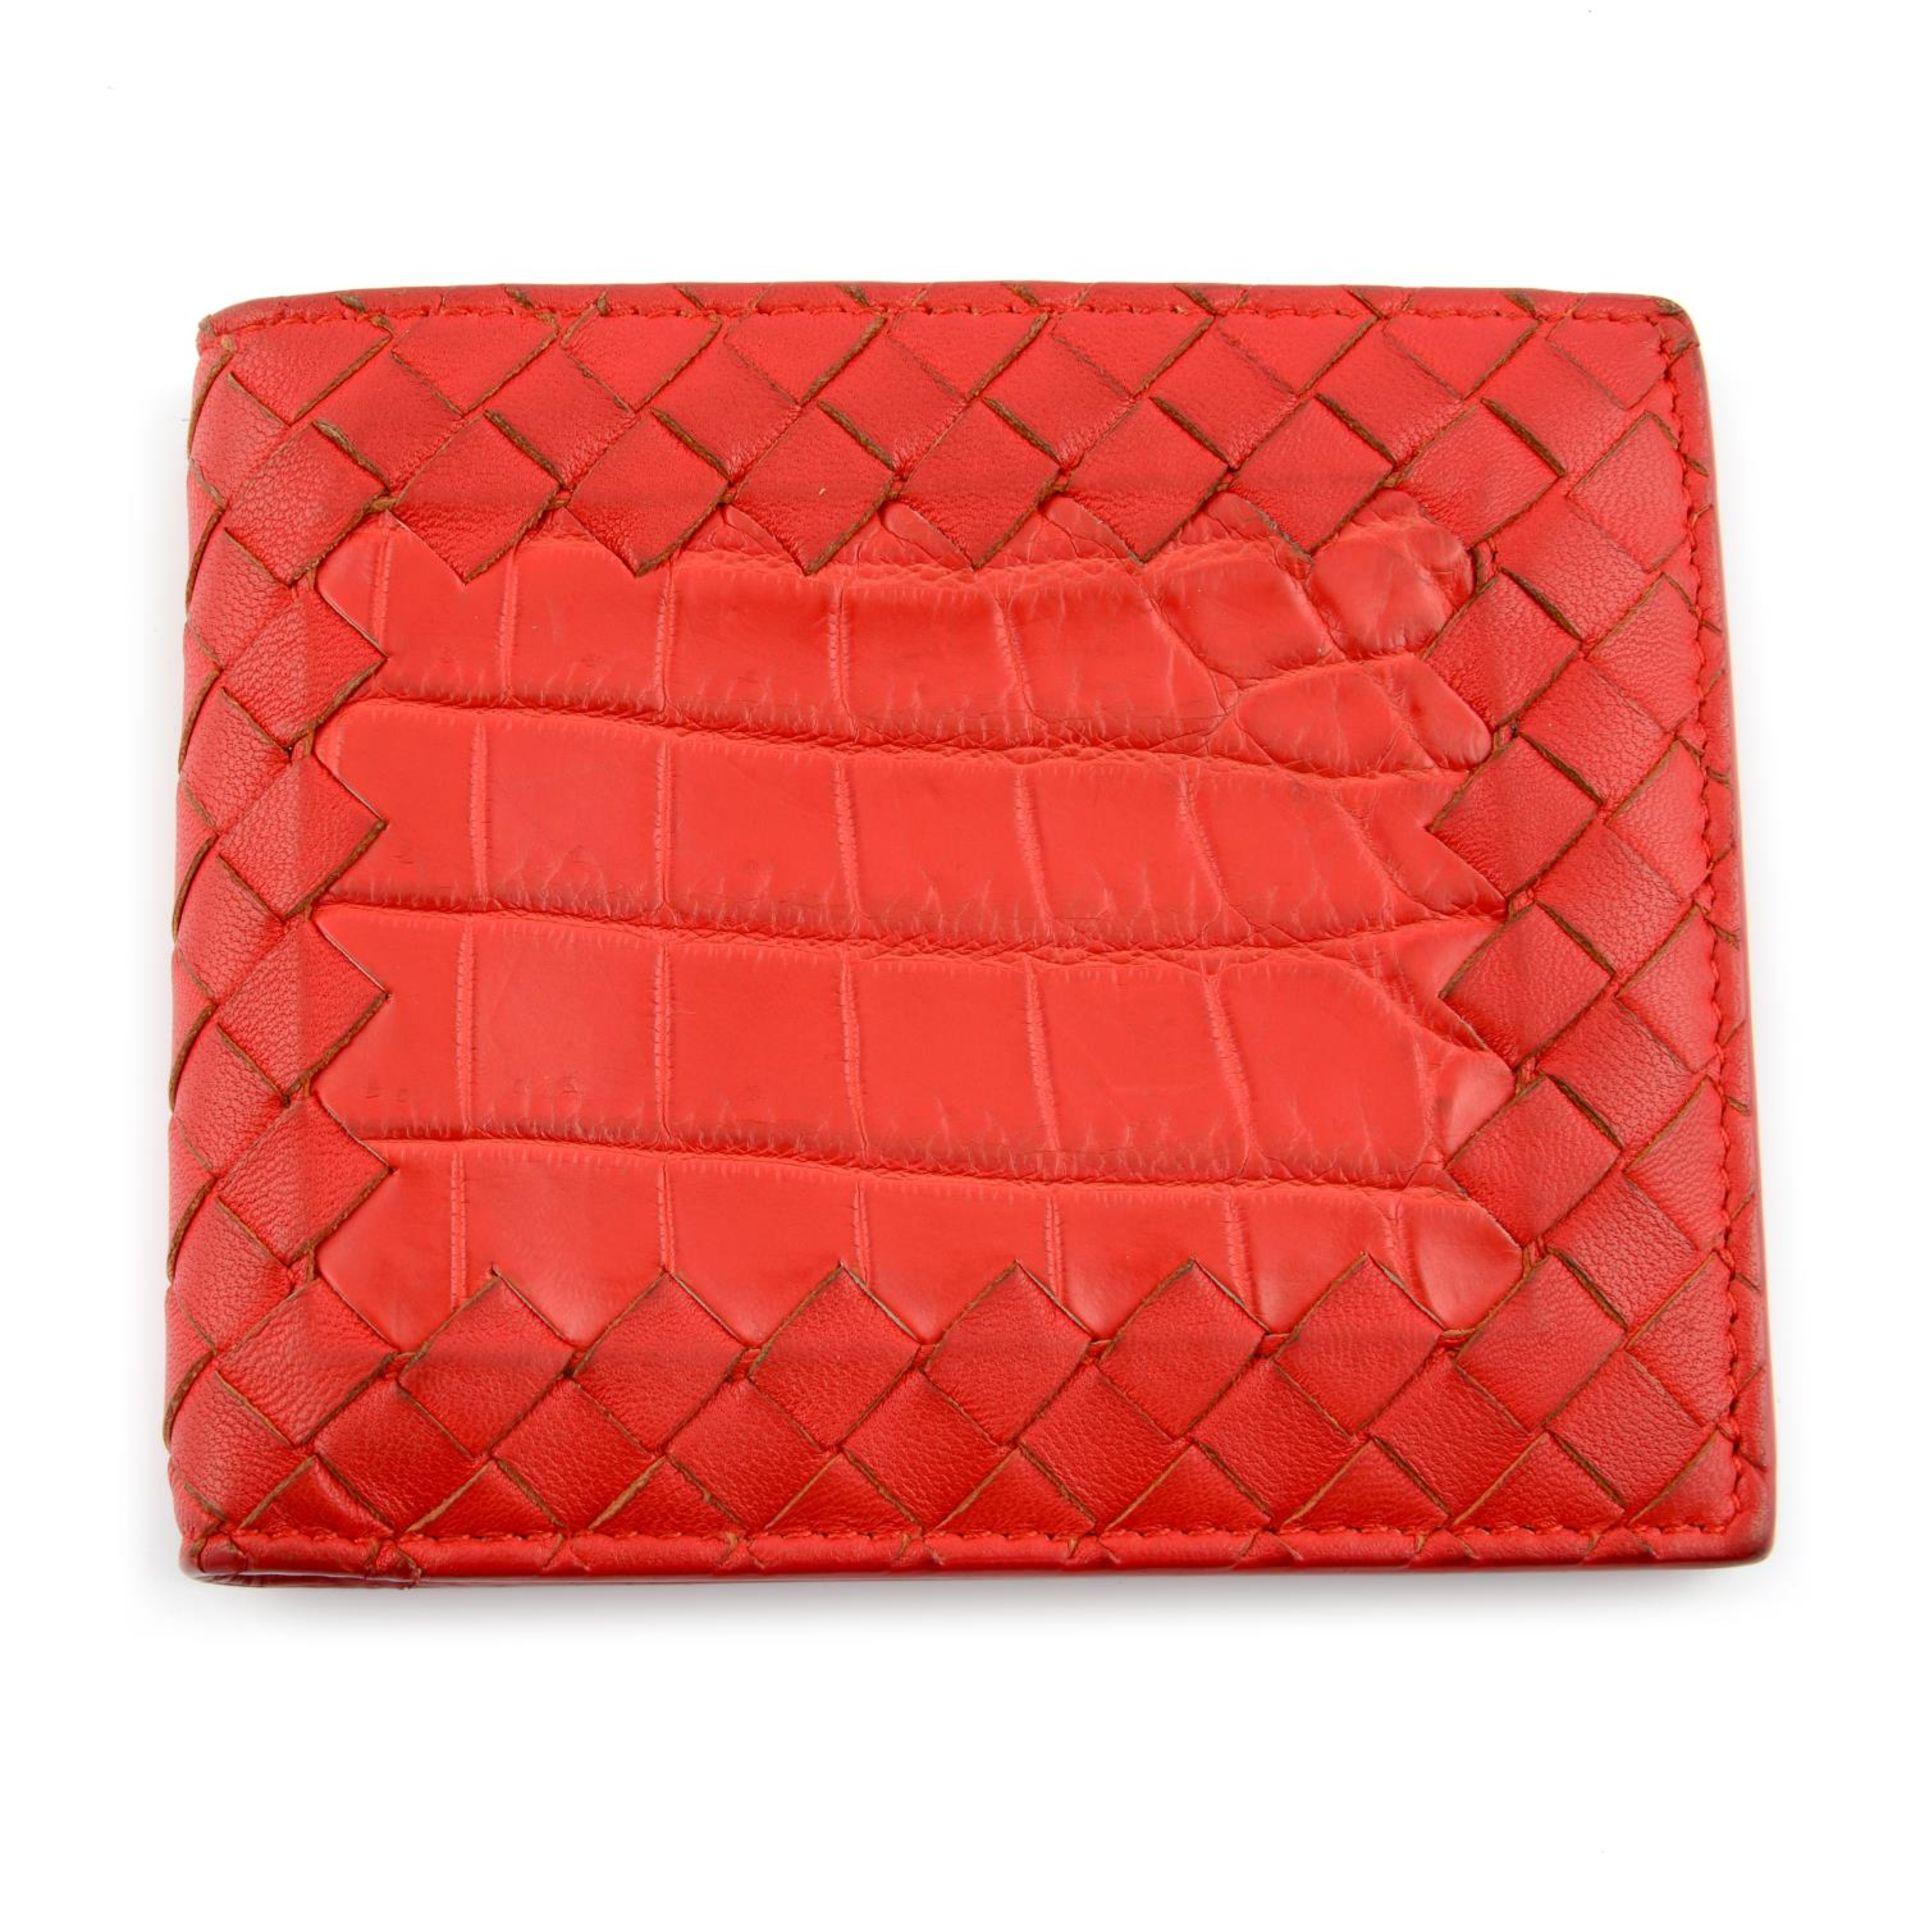 BOTTEGA VENETA - an Intrecciato leather bifold wallet.